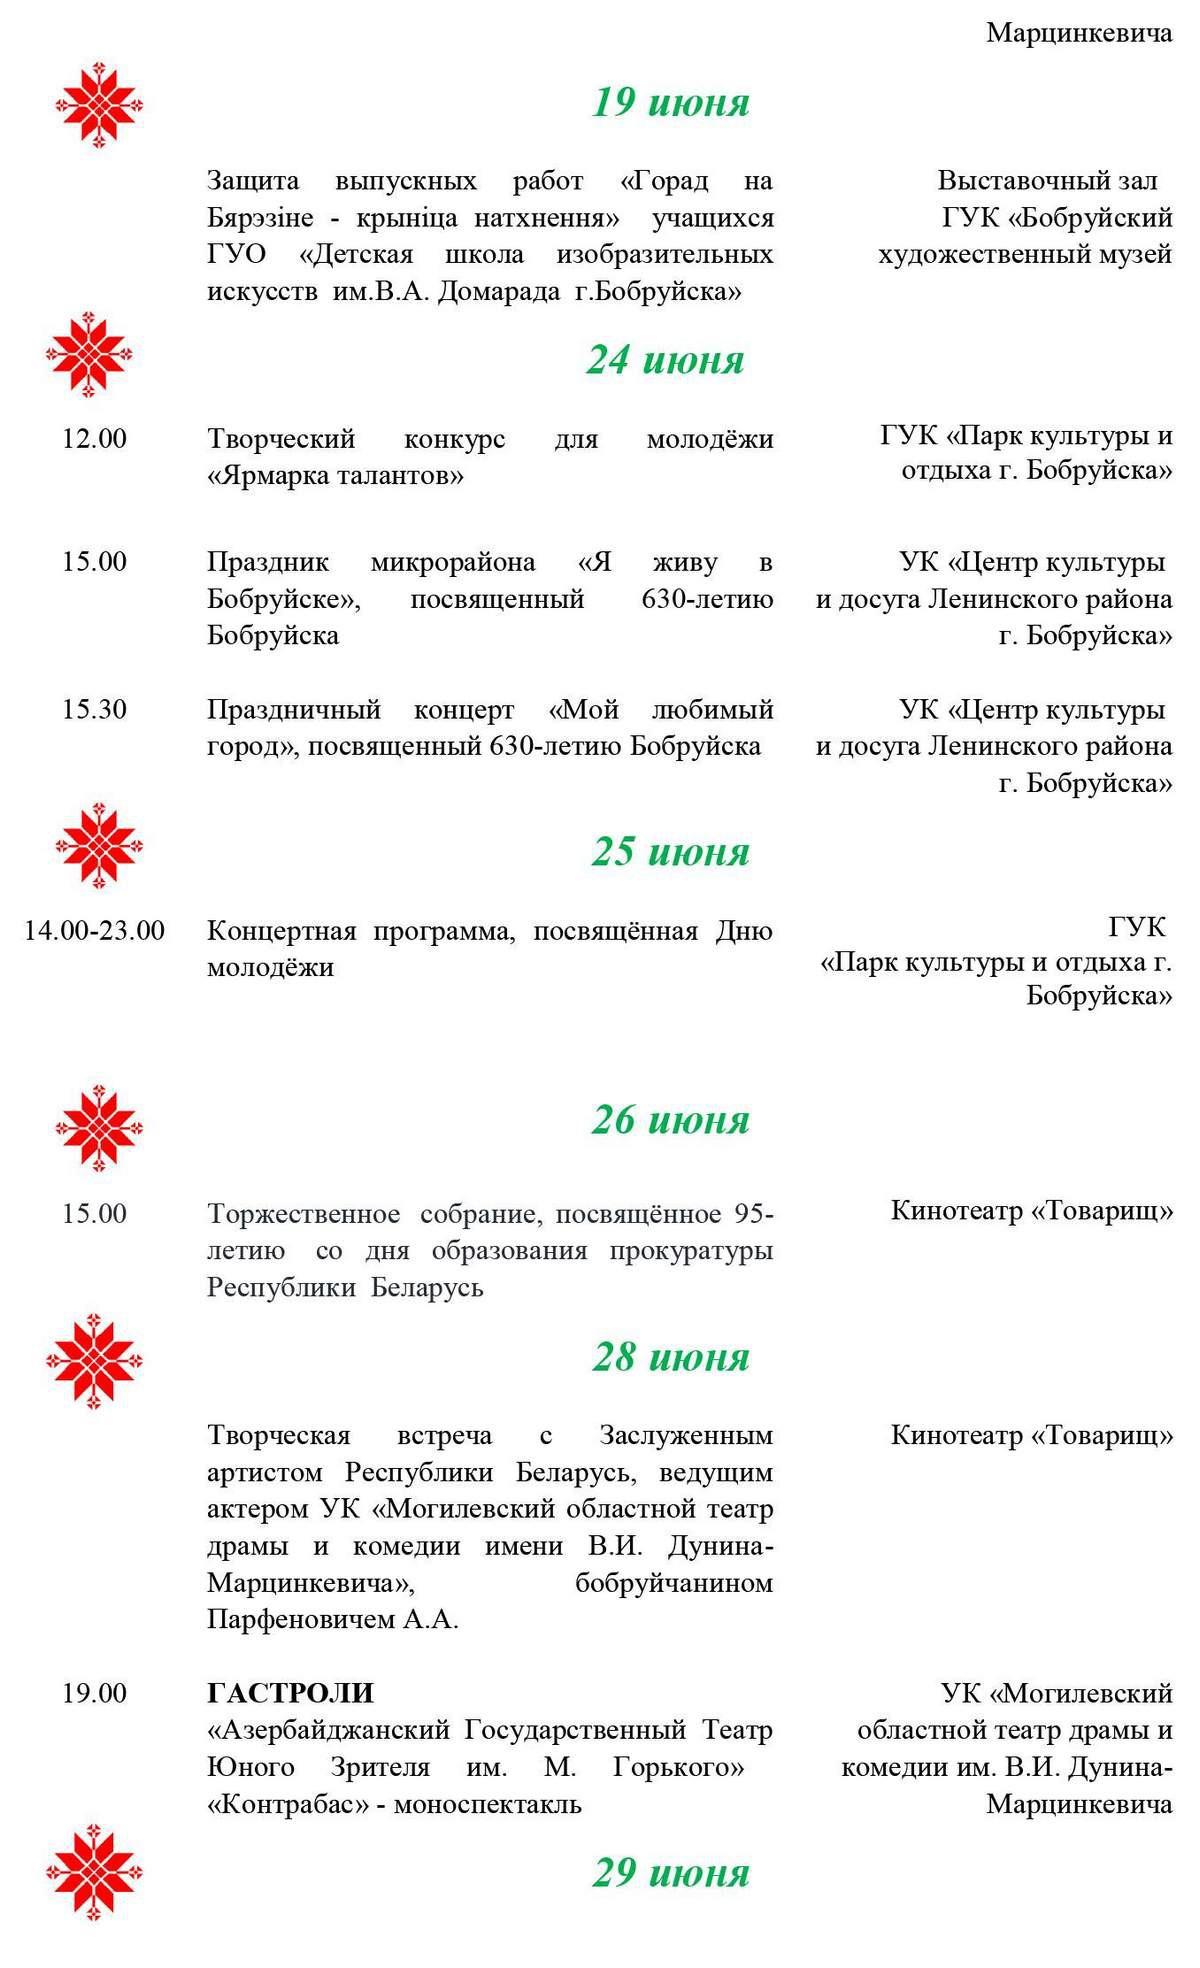 схема зала в дк профсоюзов минск